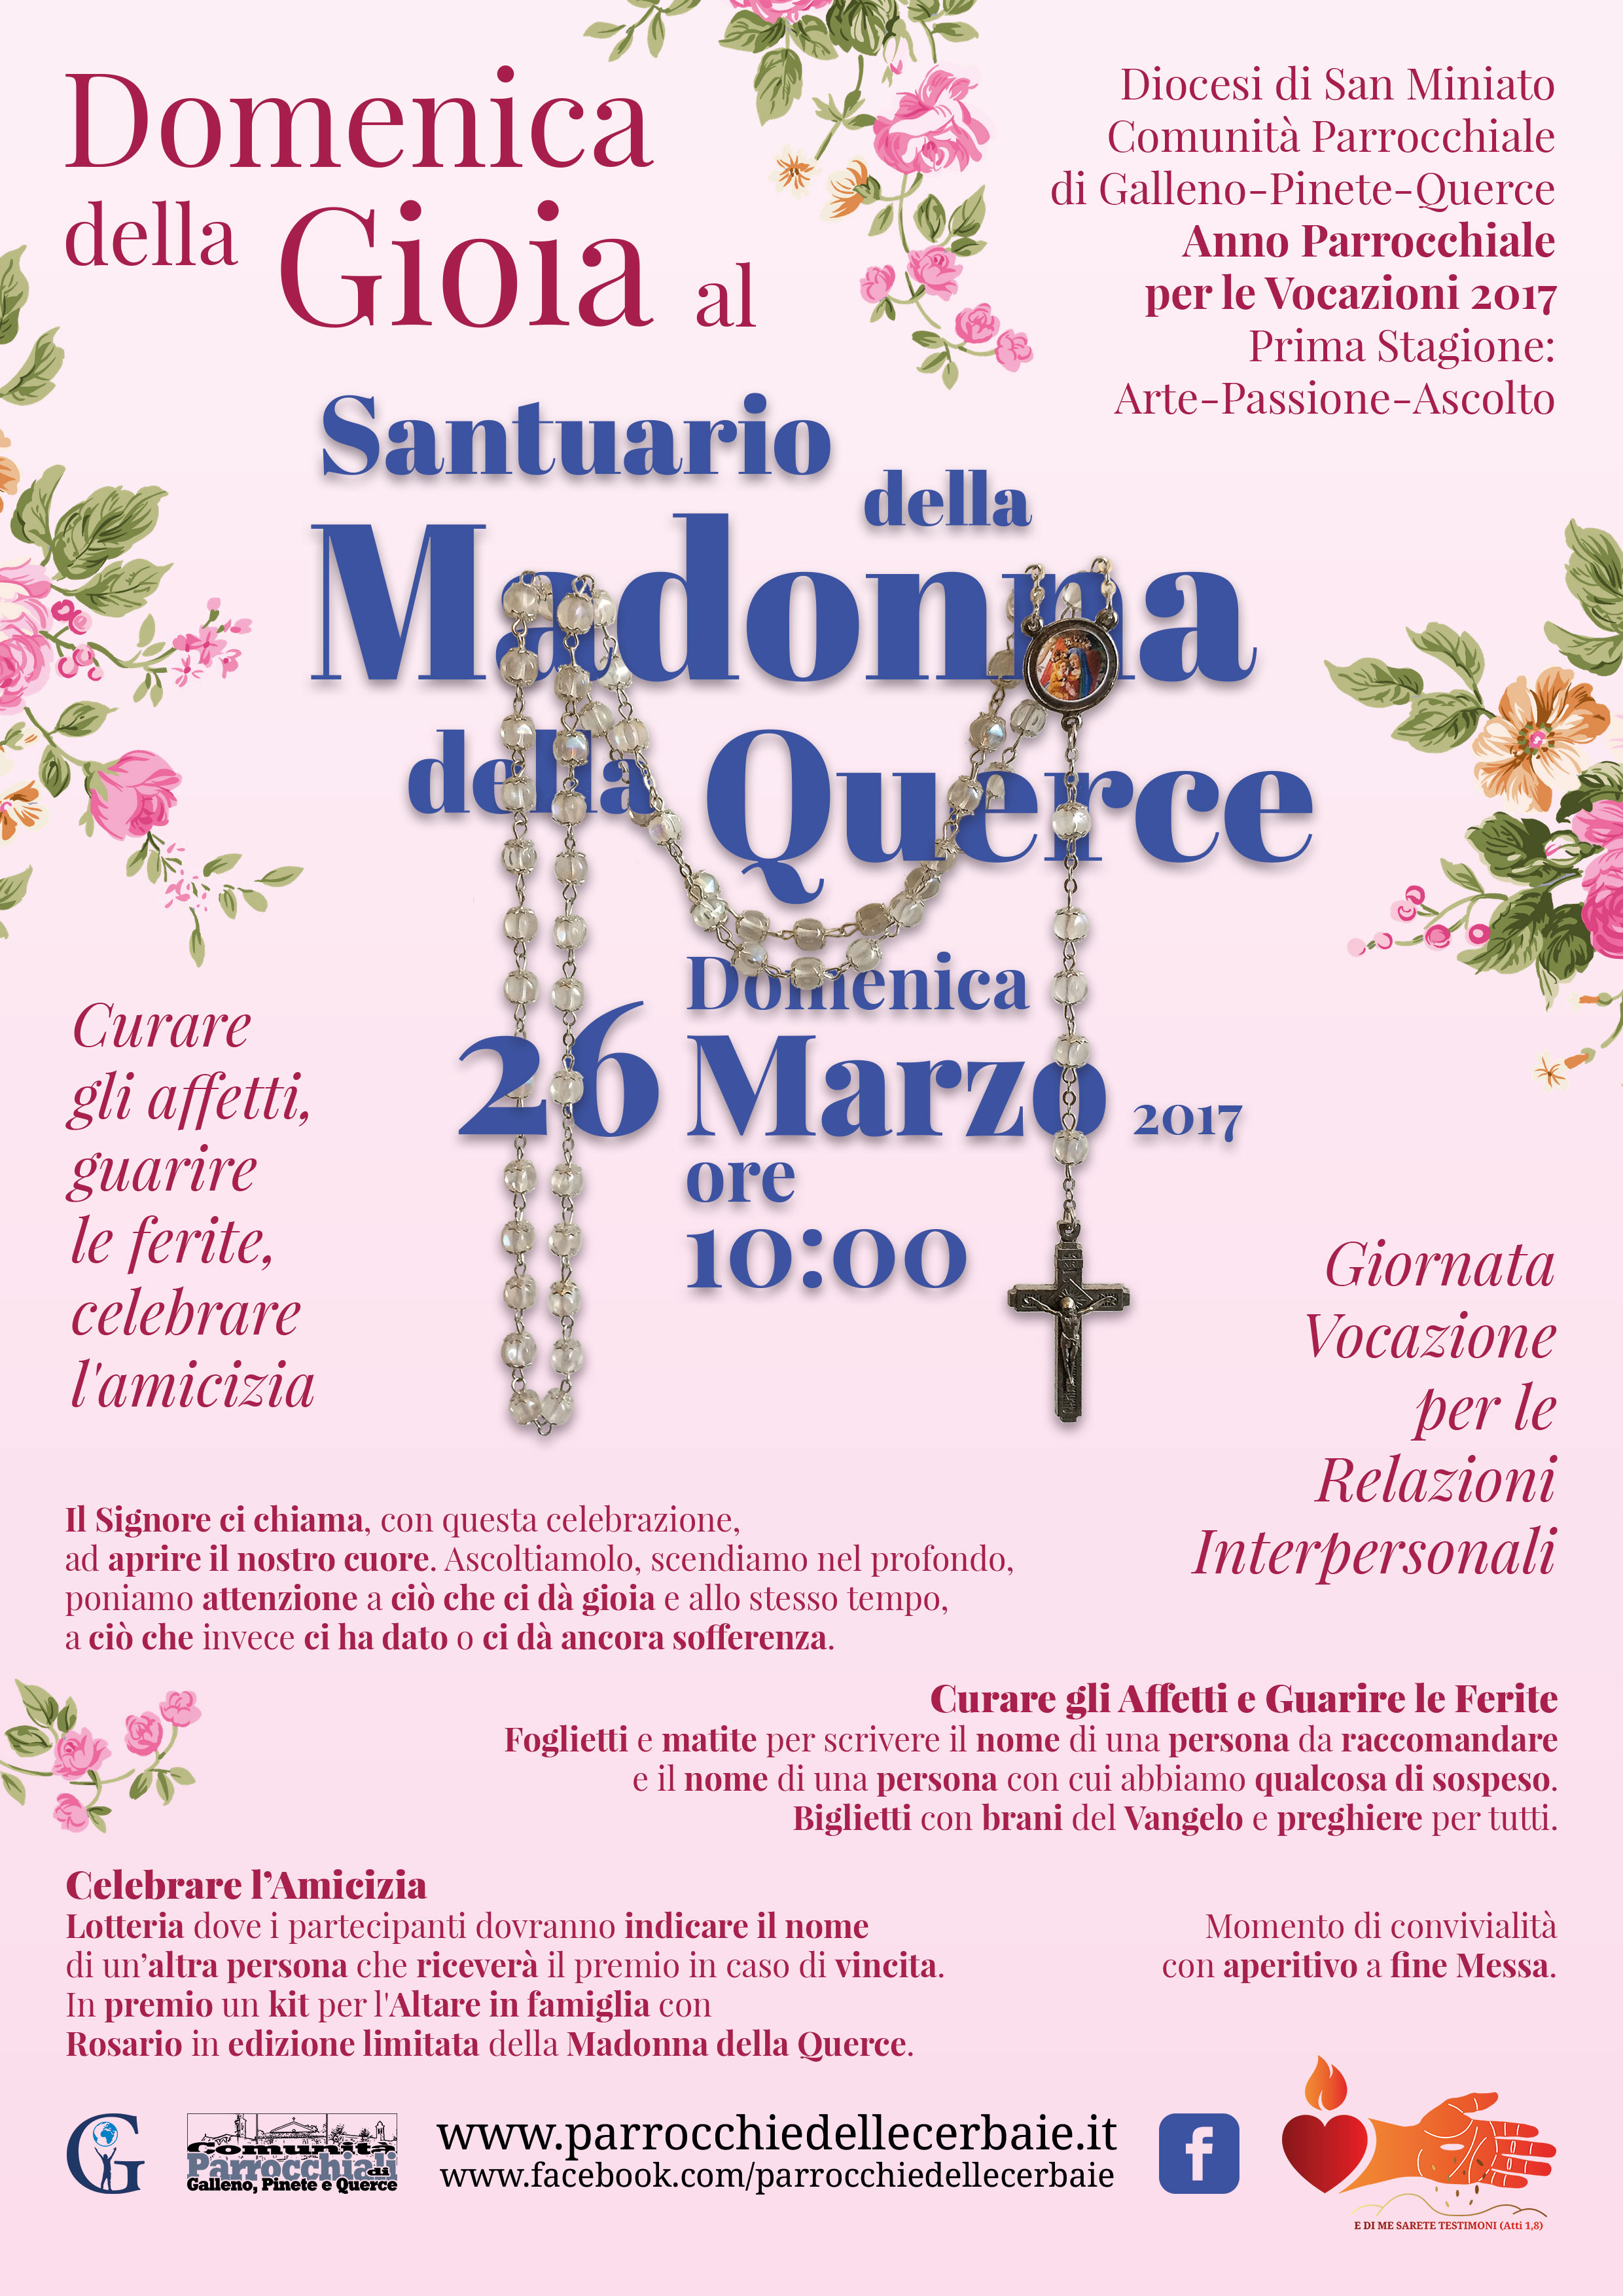 Domenica della Gioia al Santuario della Madonna della Querce 26-3-2017